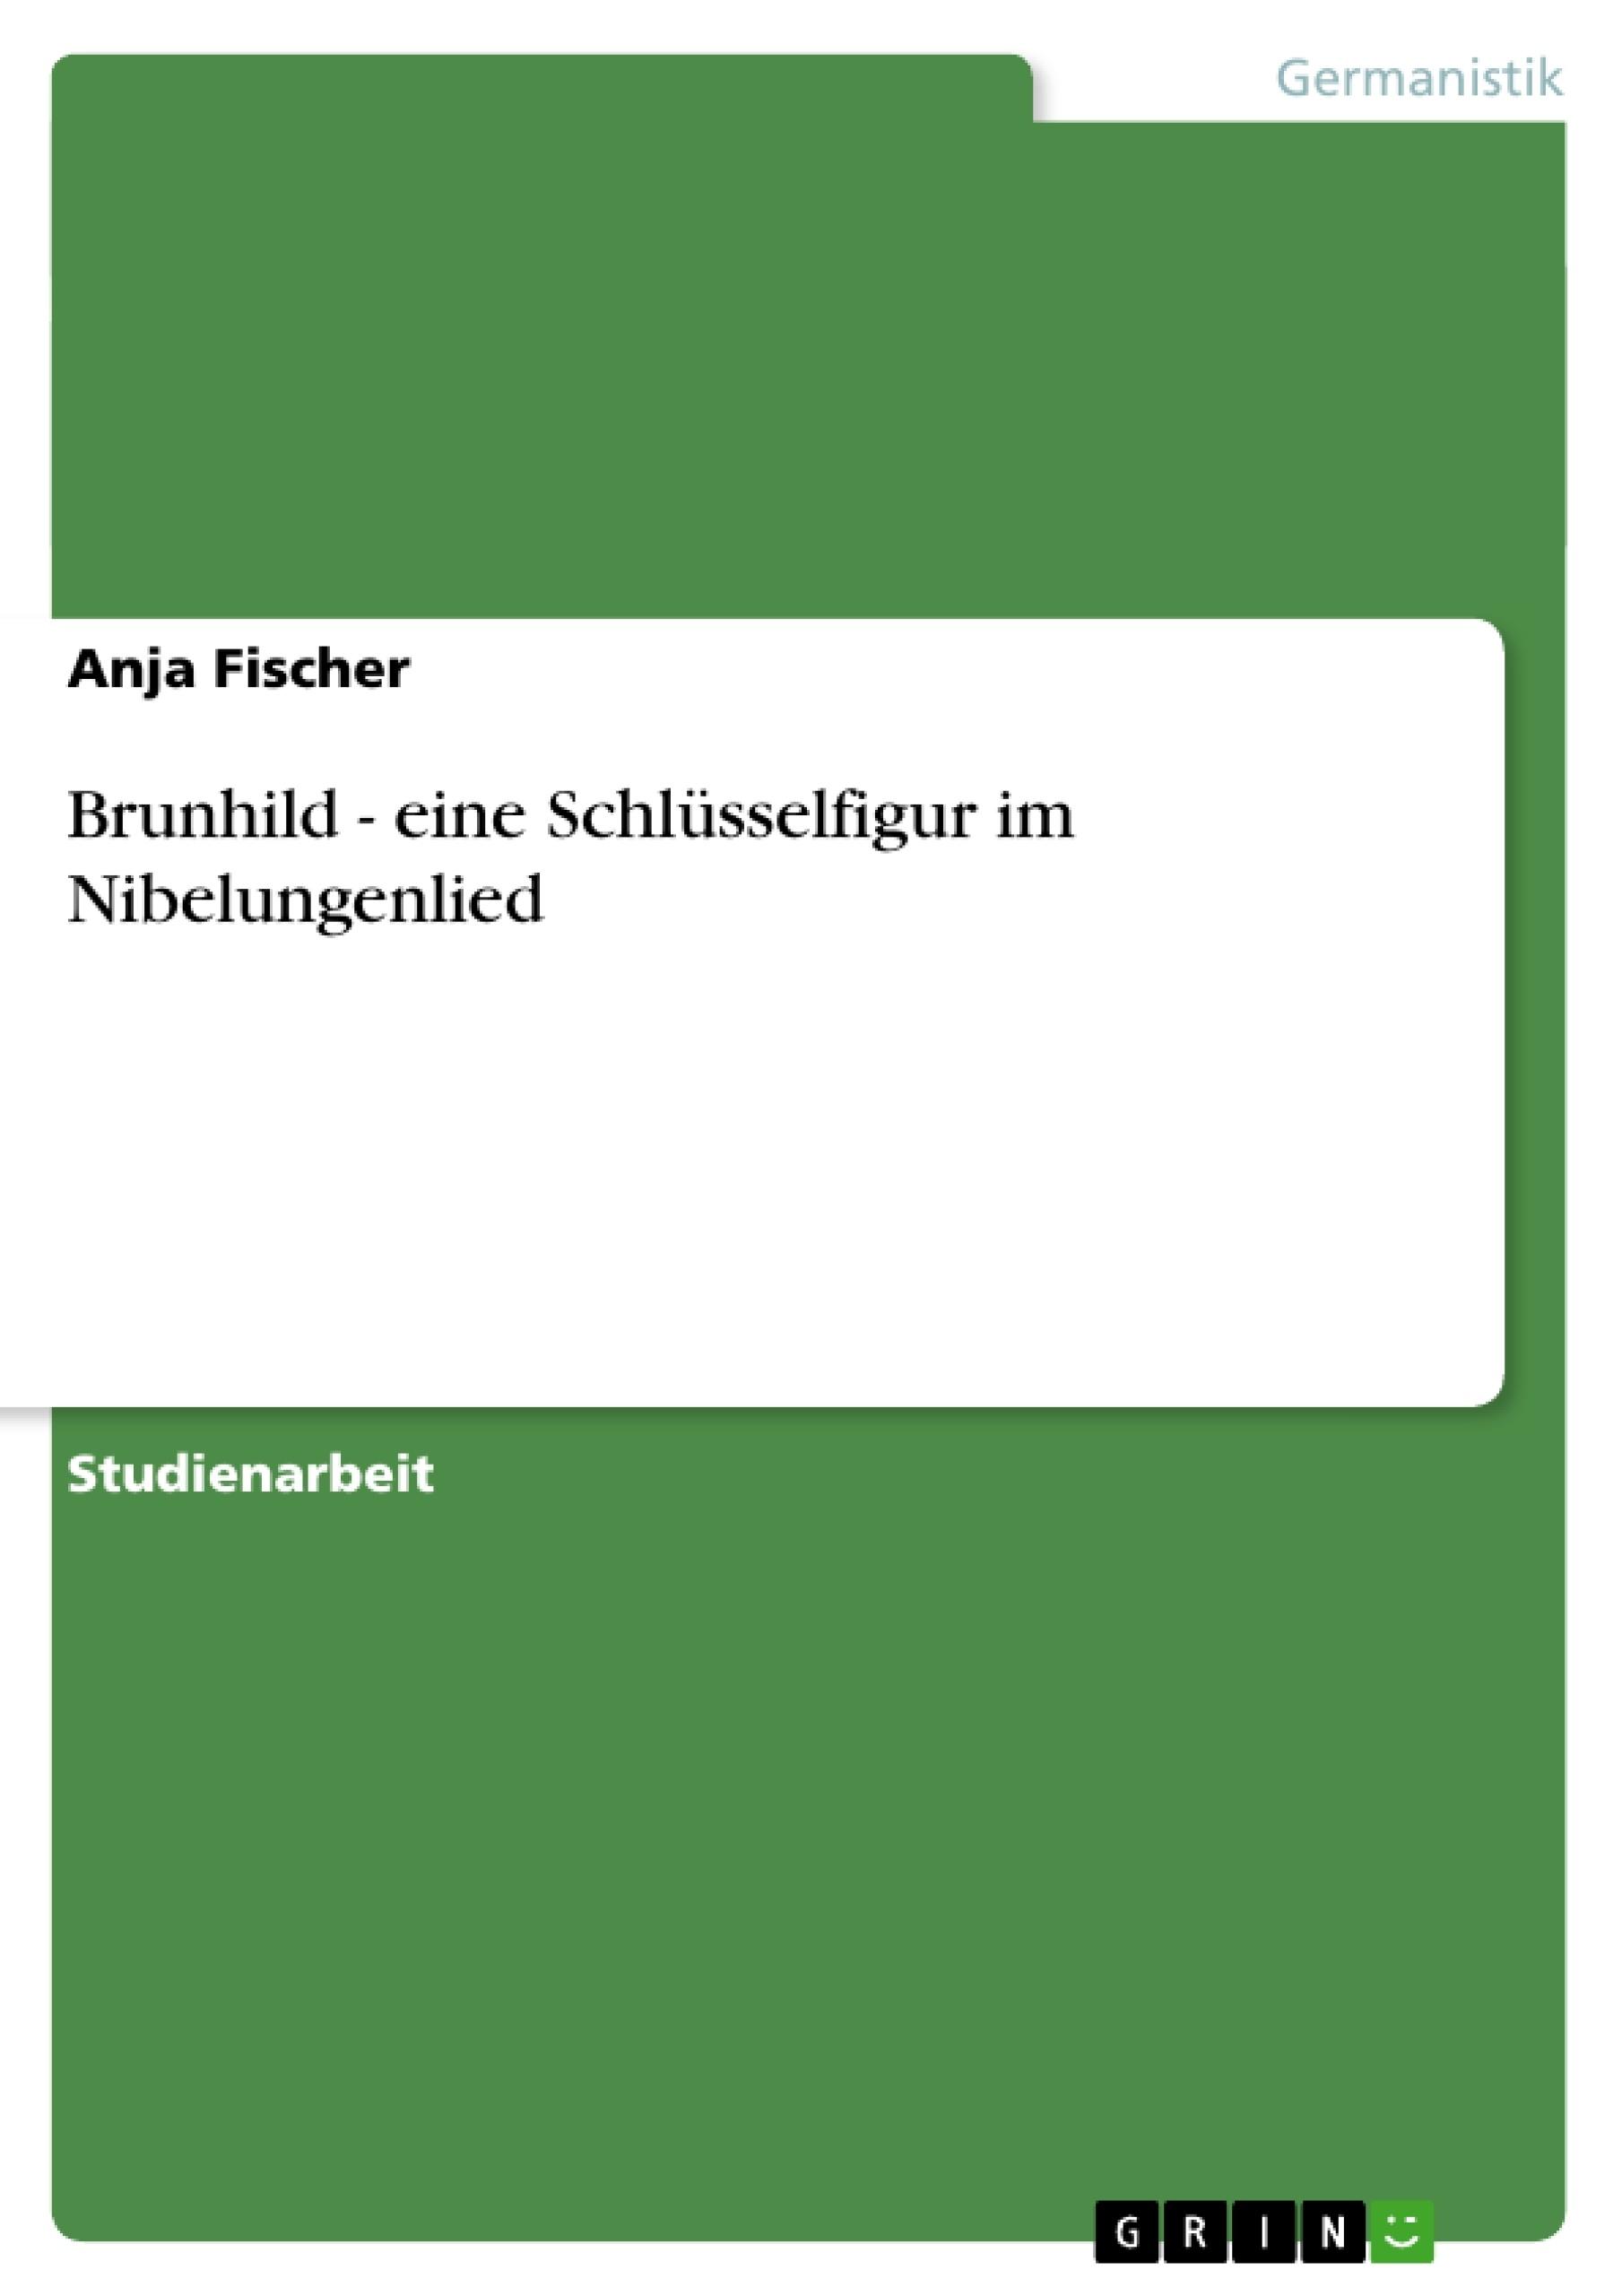 Titel: Brunhild - eine Schlüsselfigur im Nibelungenlied